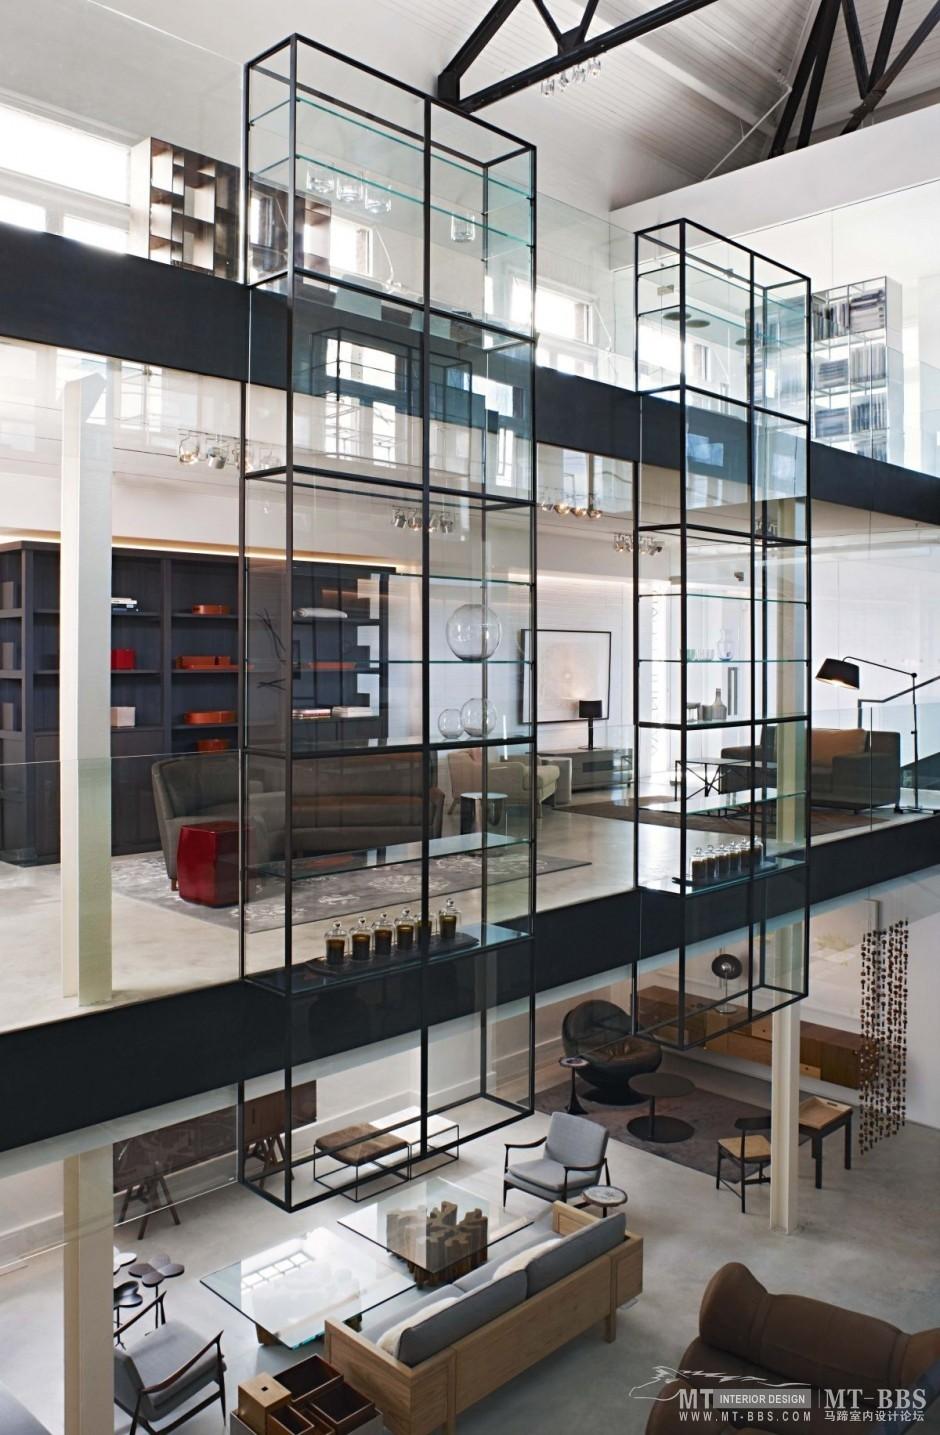 世界著名室内设计大师Yabu Pushelberg_120815f3kf6kv3gy4zvb22.jpg